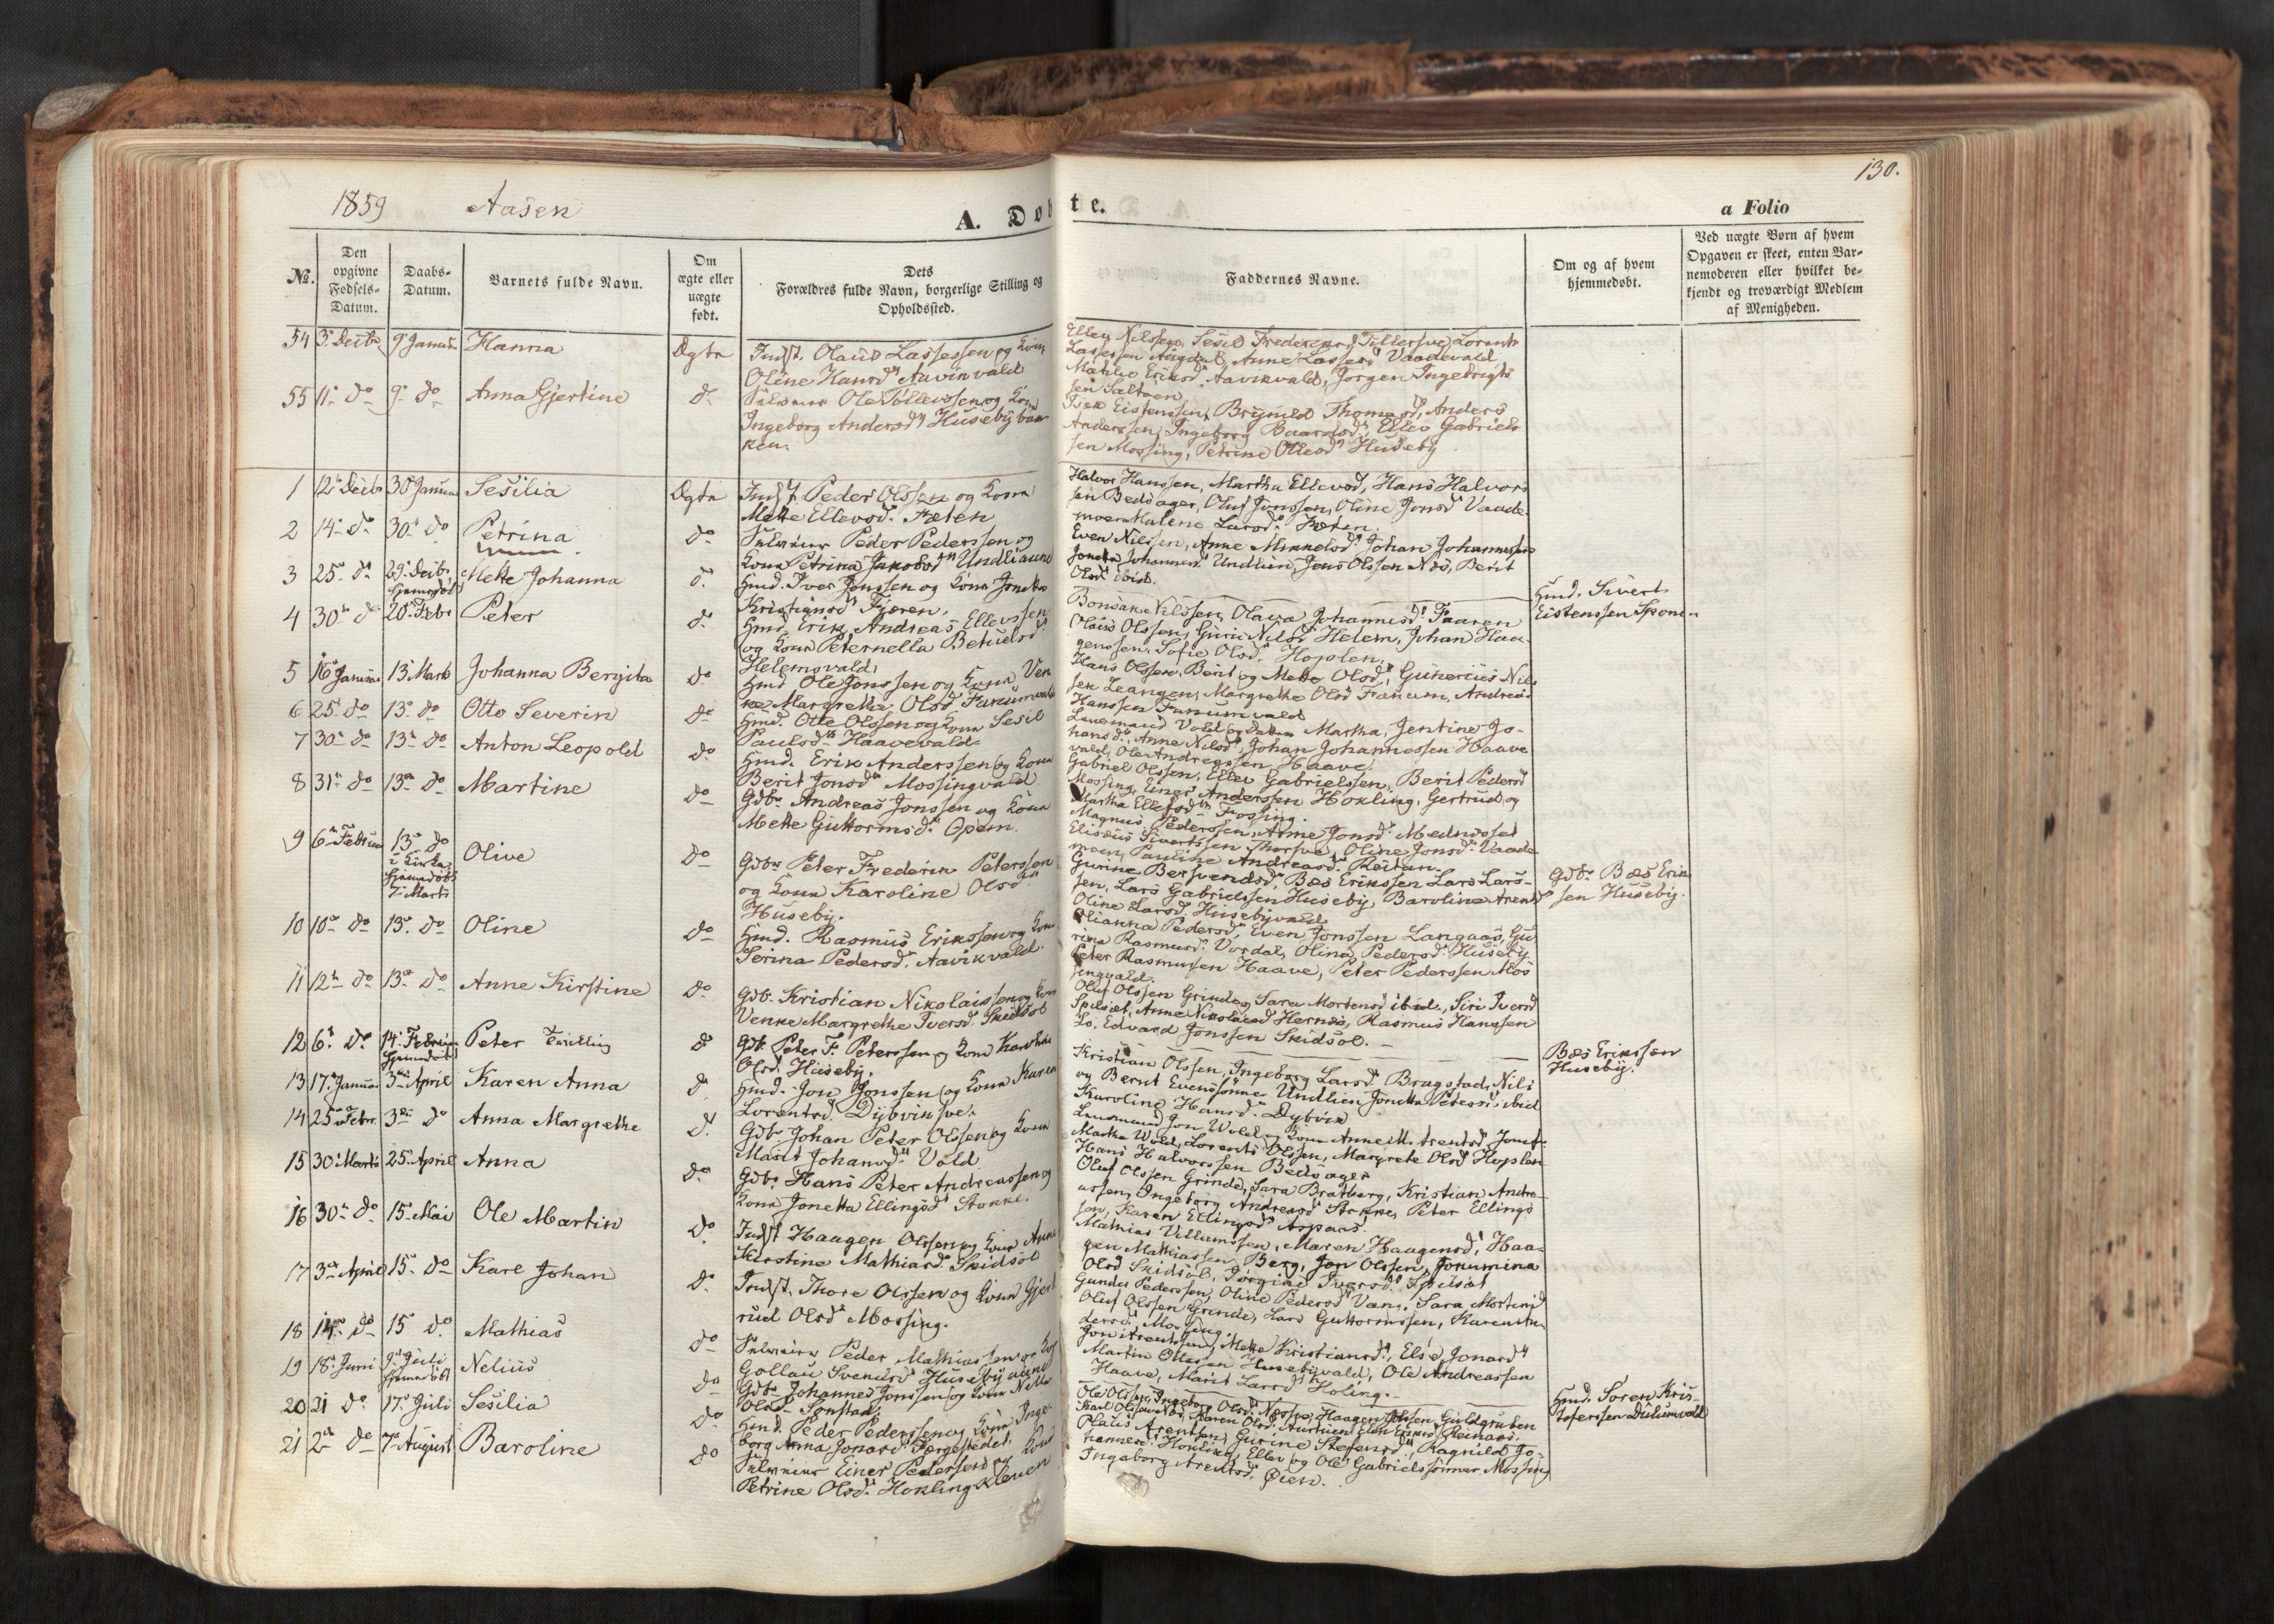 SAT, Ministerialprotokoller, klokkerbøker og fødselsregistre - Nord-Trøndelag, 713/L0116: Ministerialbok nr. 713A07, 1850-1877, s. 130